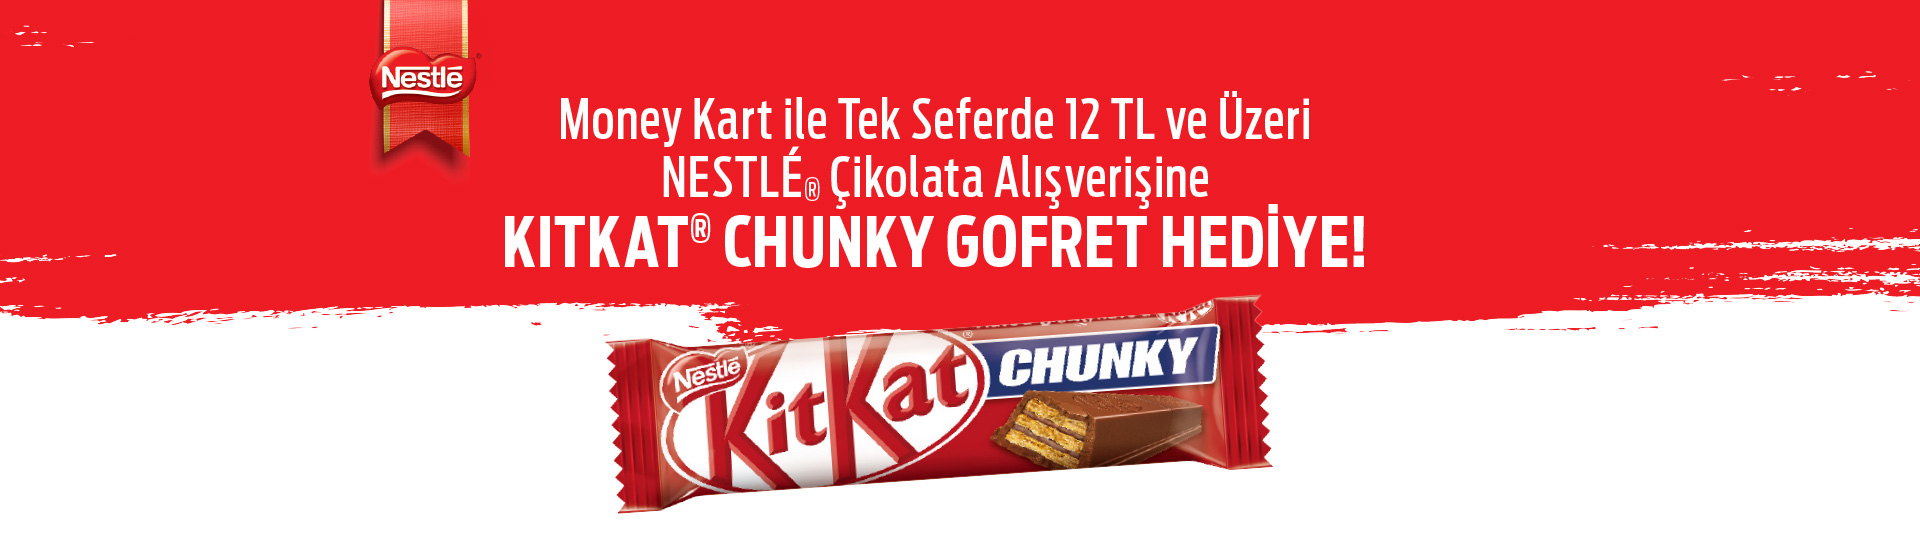 Nestle Çikolata Kampanyası